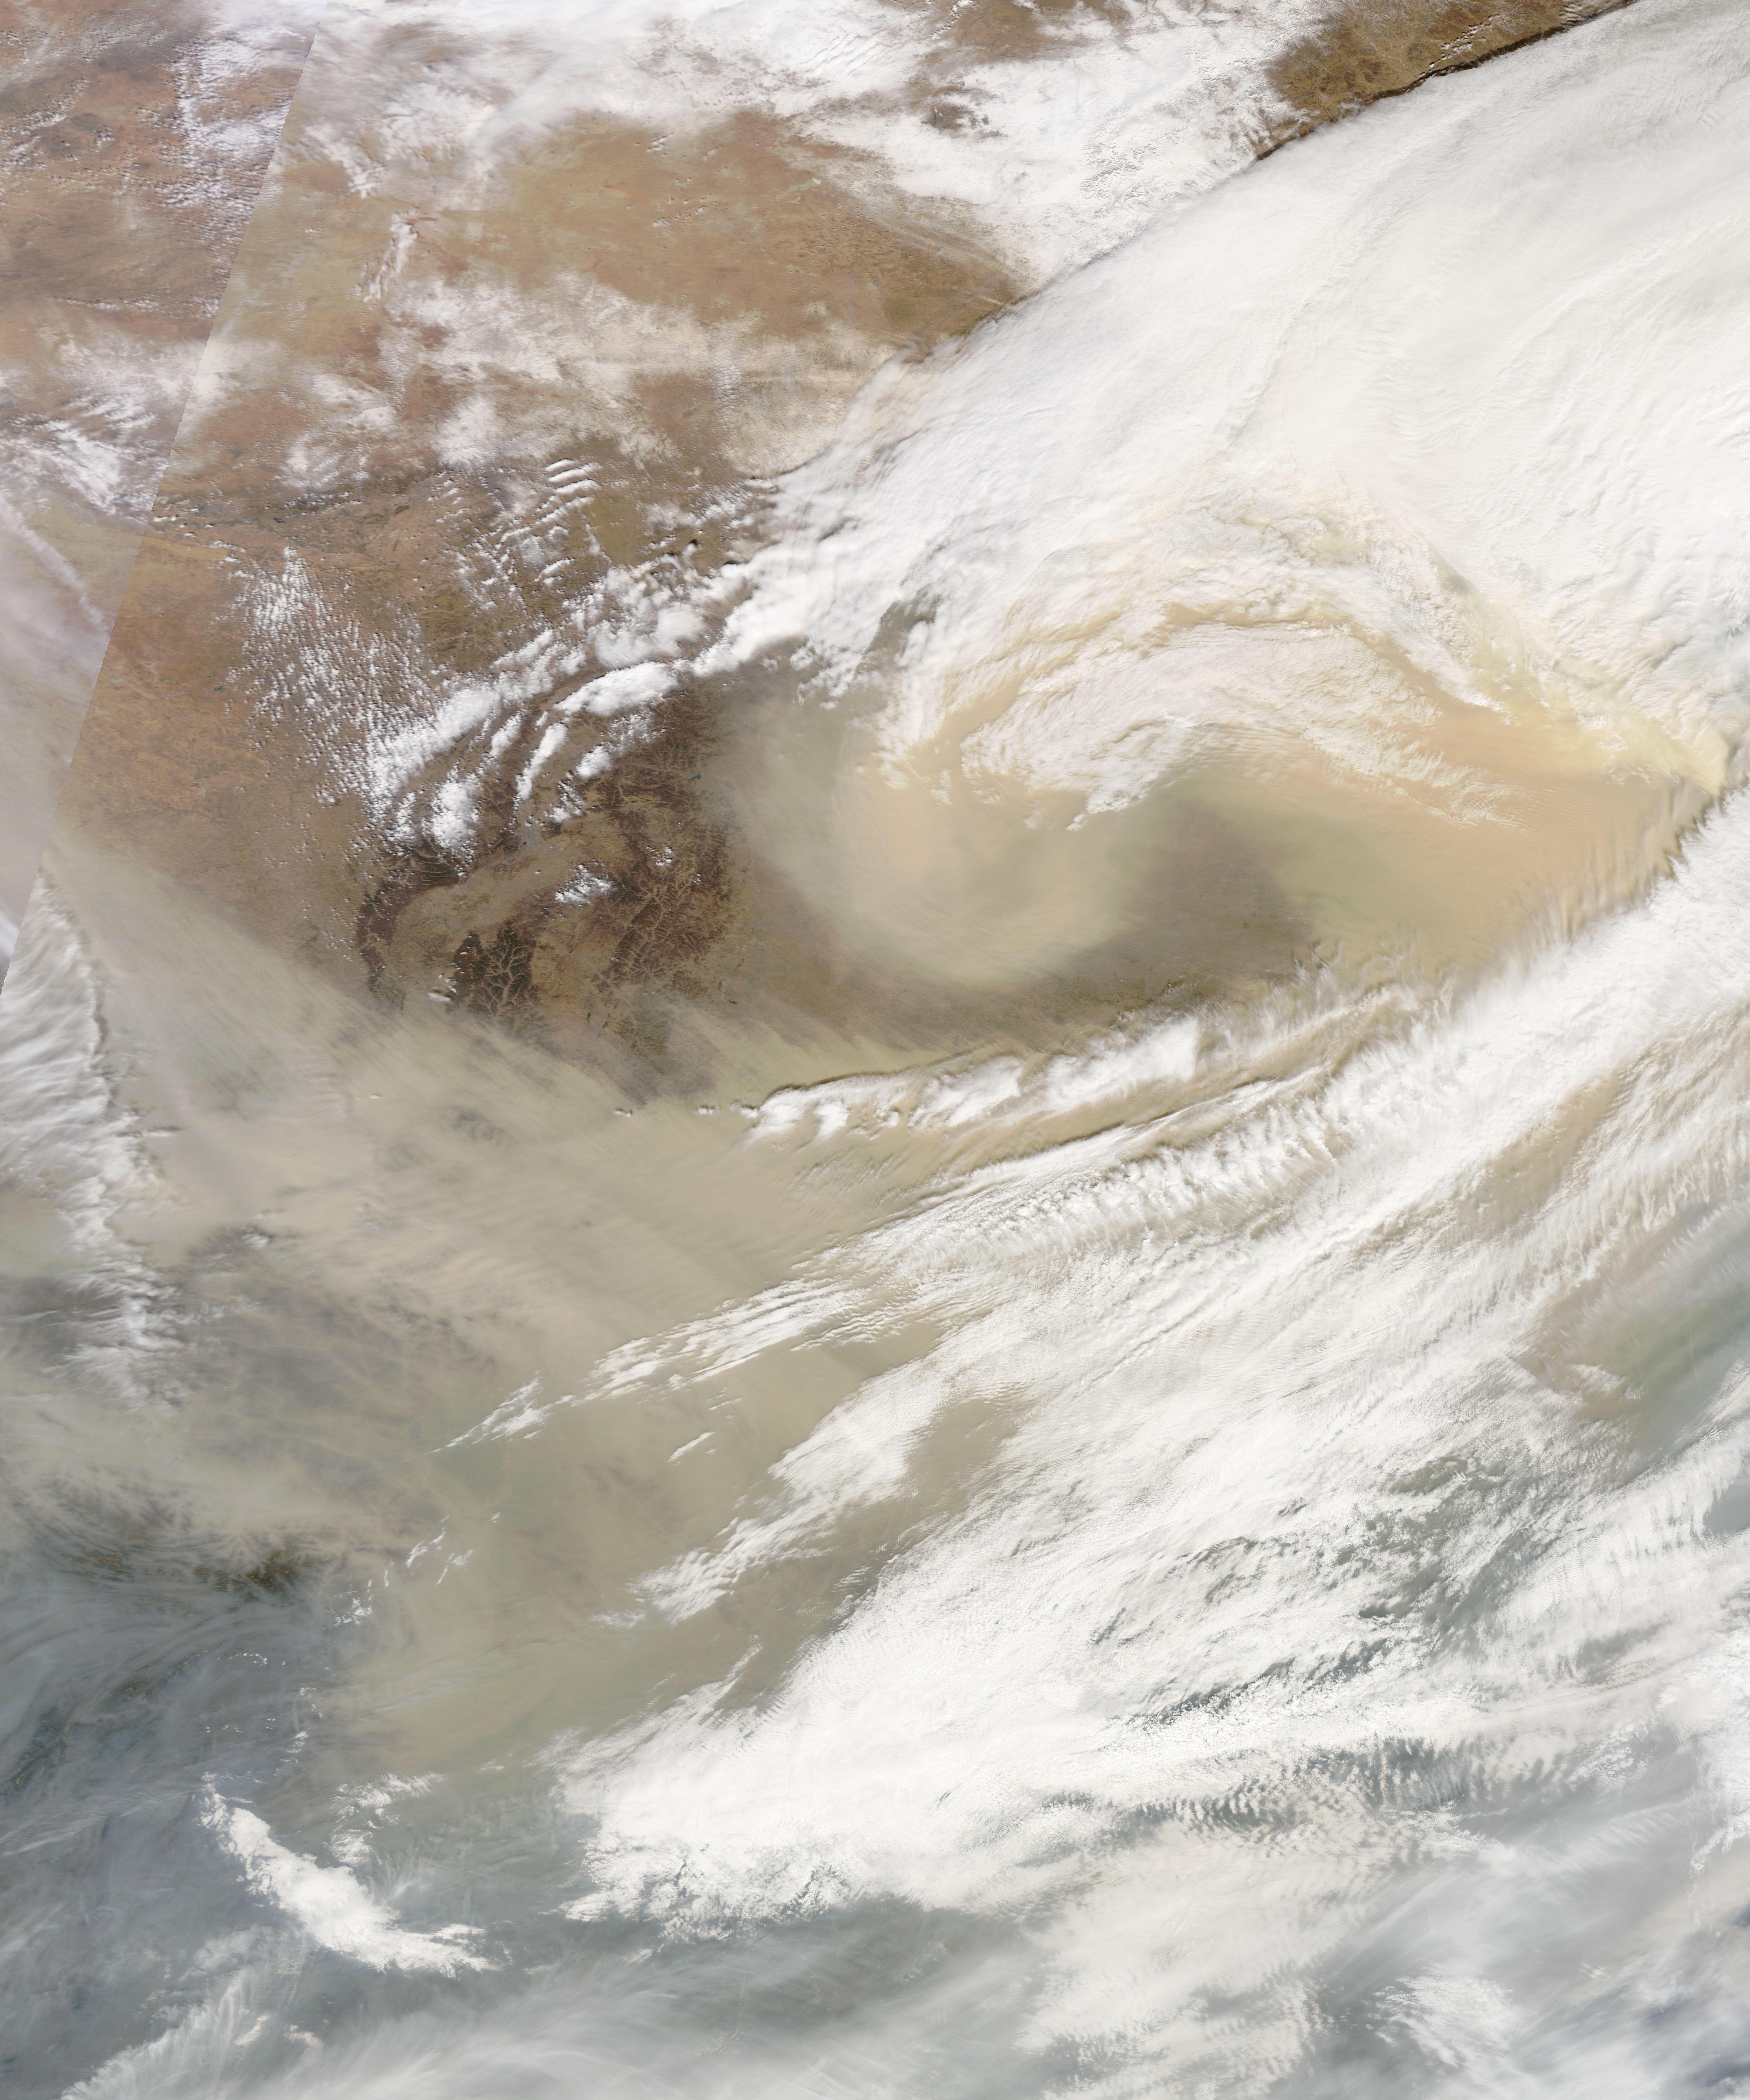 spring sandstorm scours china natural hazards